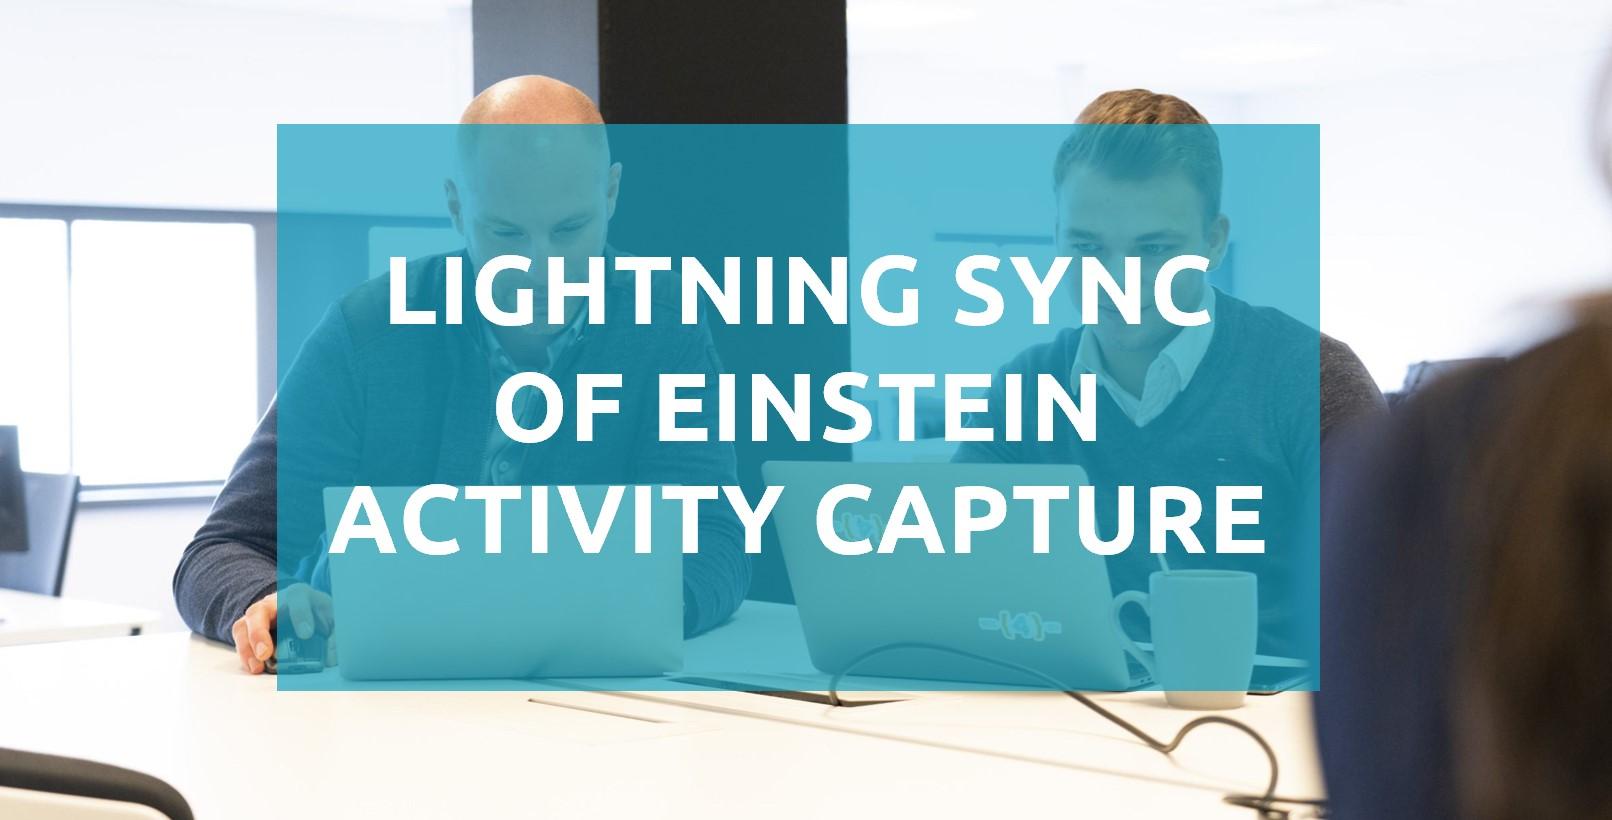 Synchroniseer mails, afspraken en events met Salesforce via Lightning Sync of Einstein Activity Capture